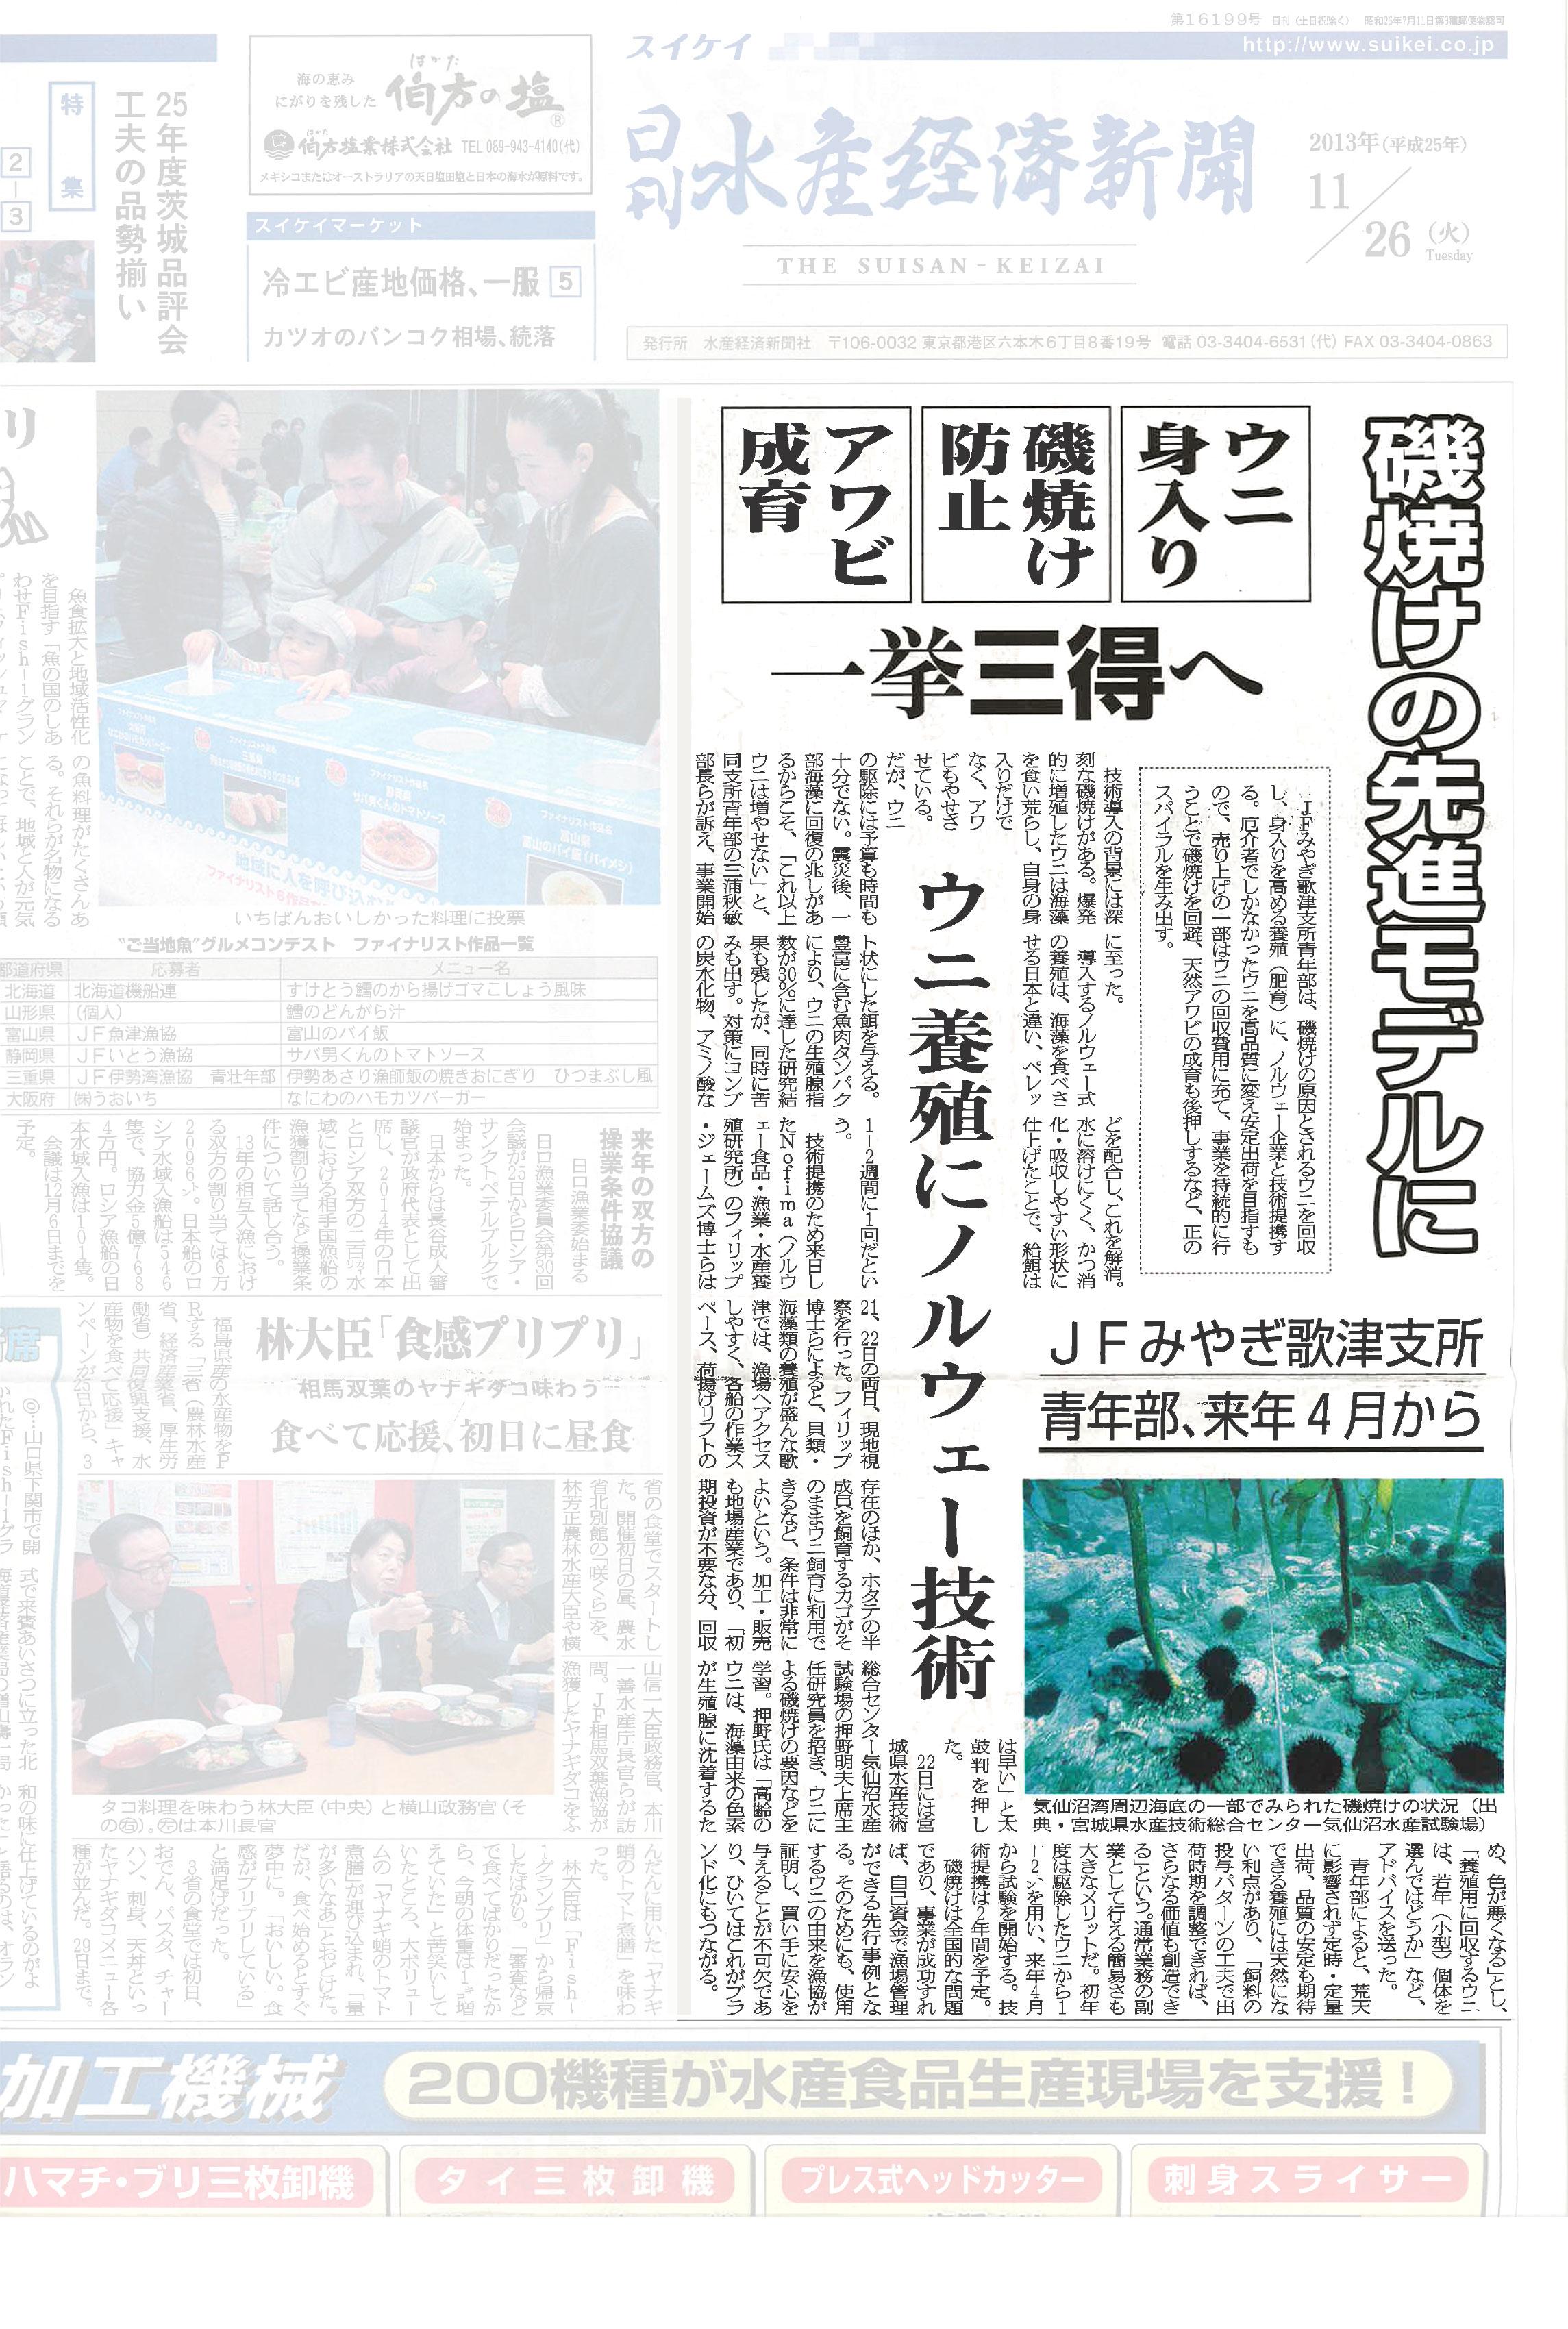 Suikei-1-of-2-11.26.2013.jpg